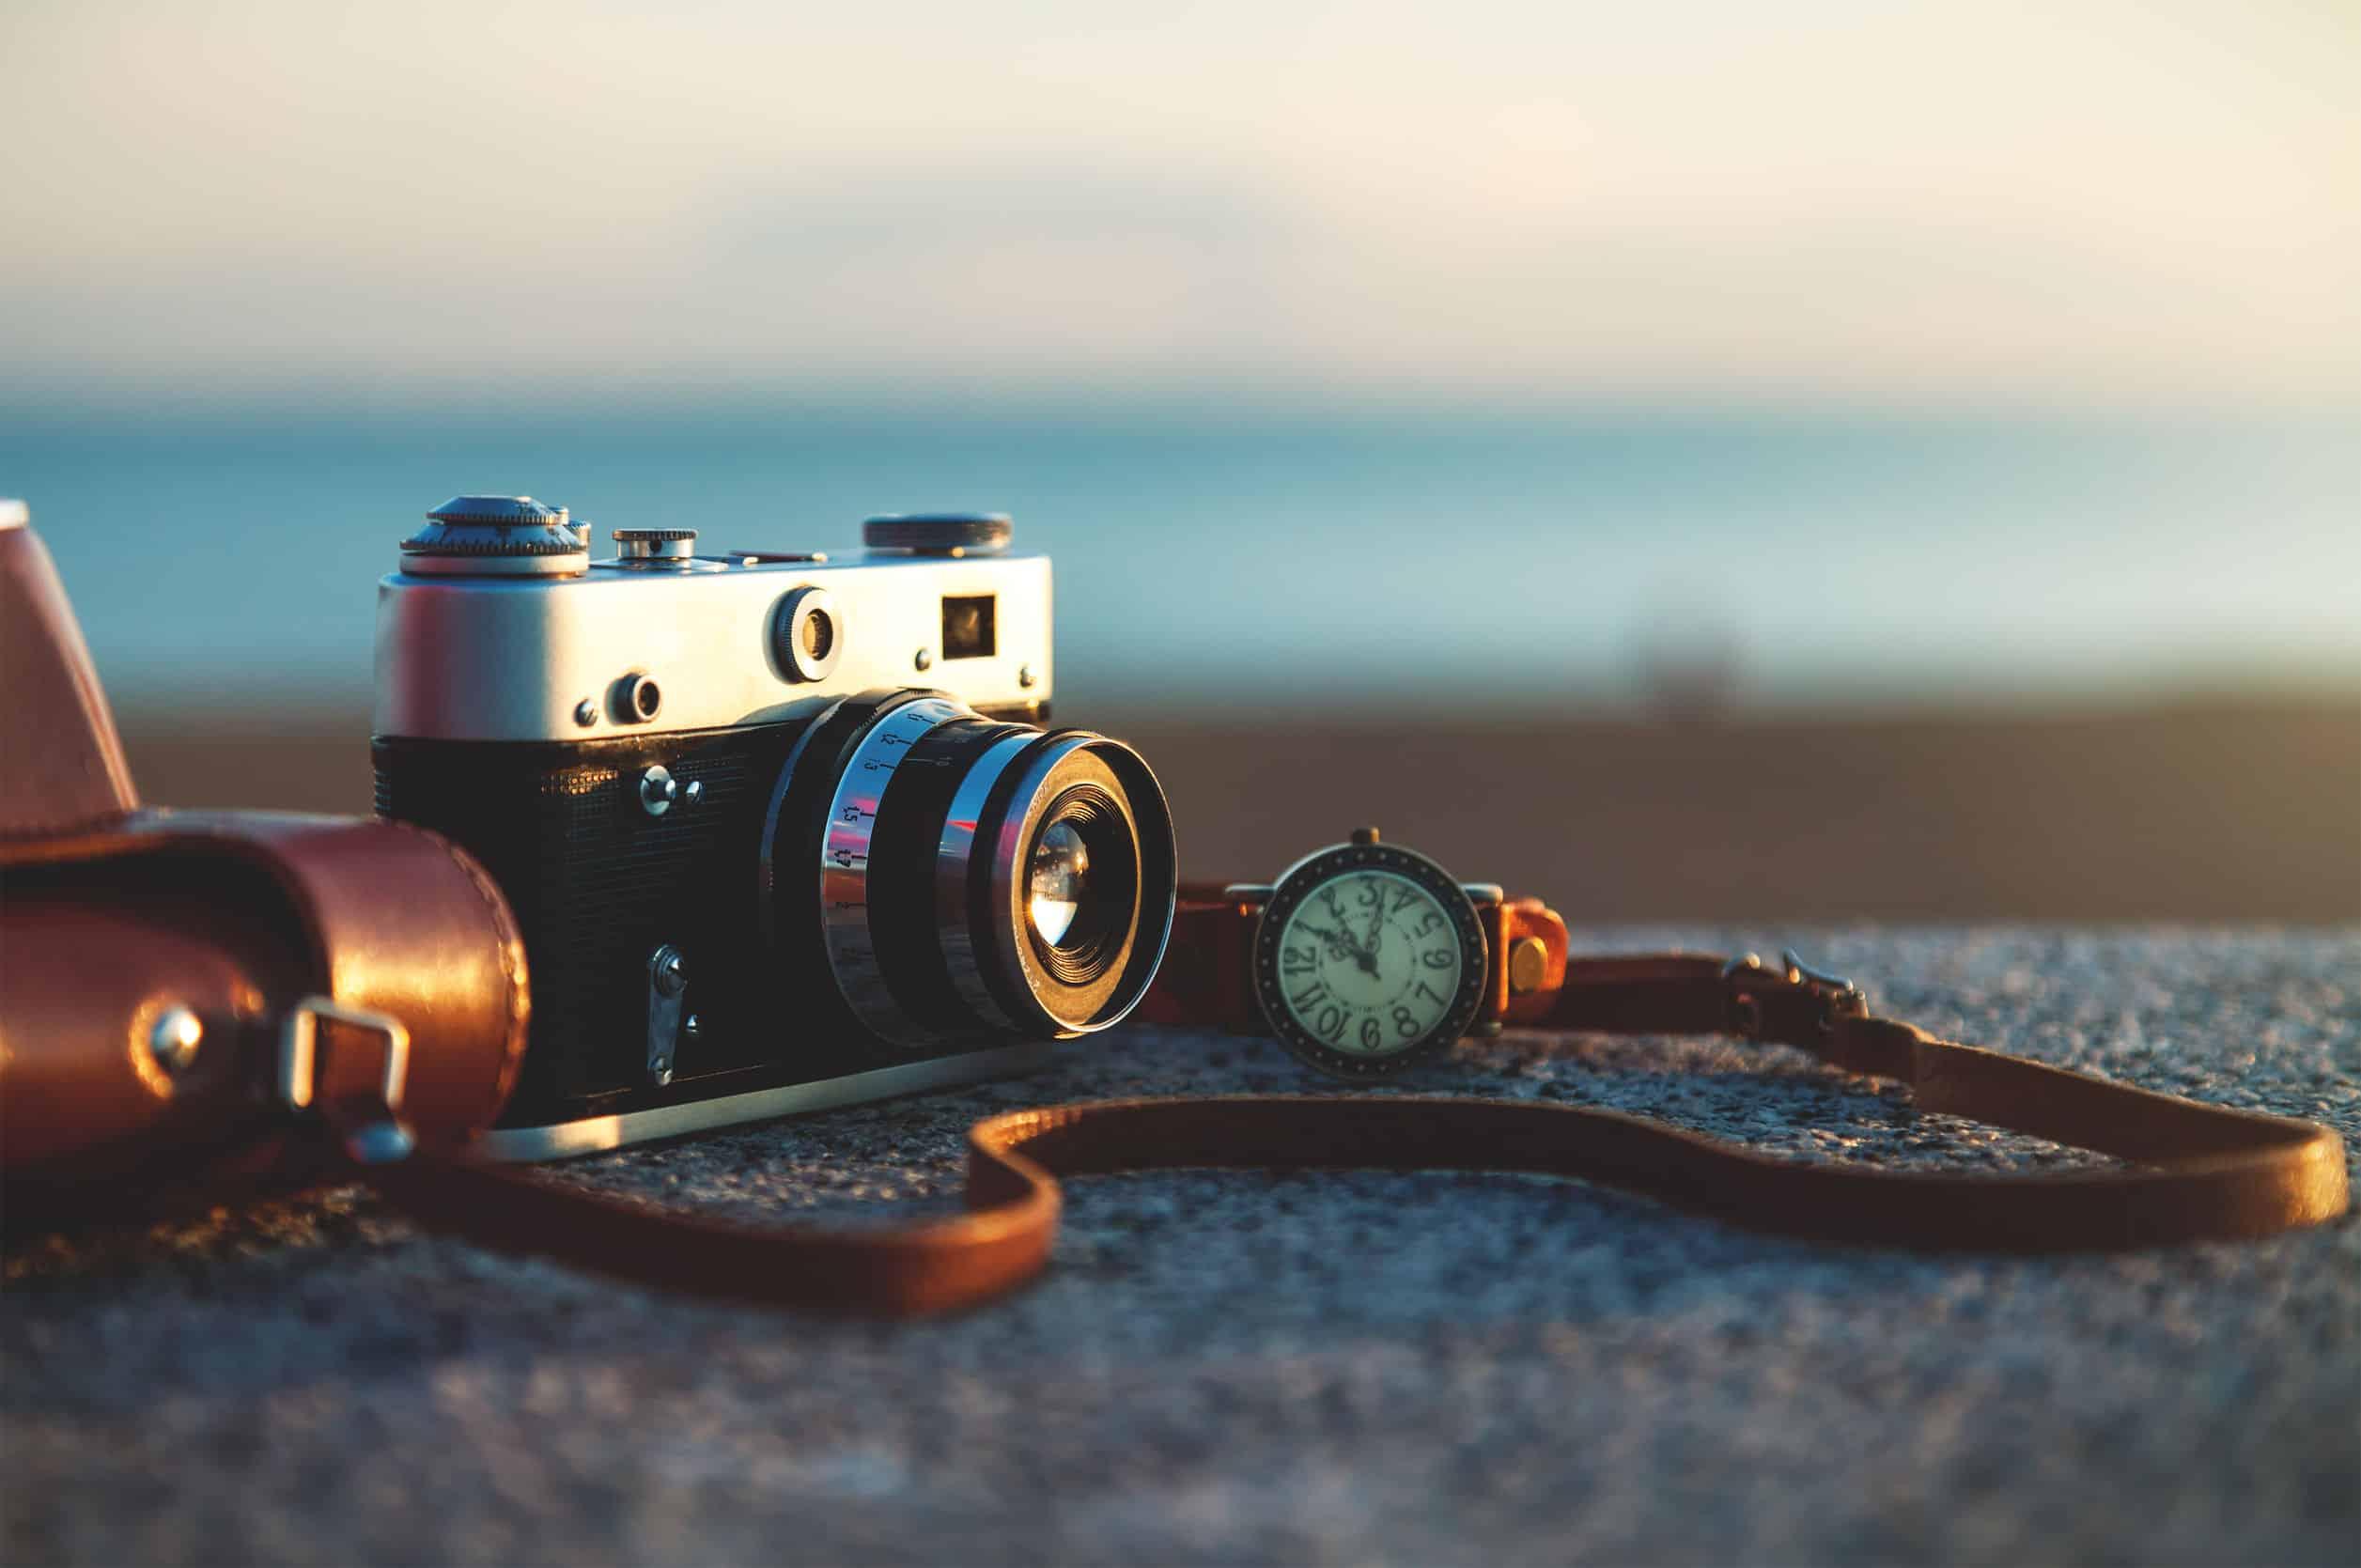 Reisekamera: Test & Empfehlungen (01/20)